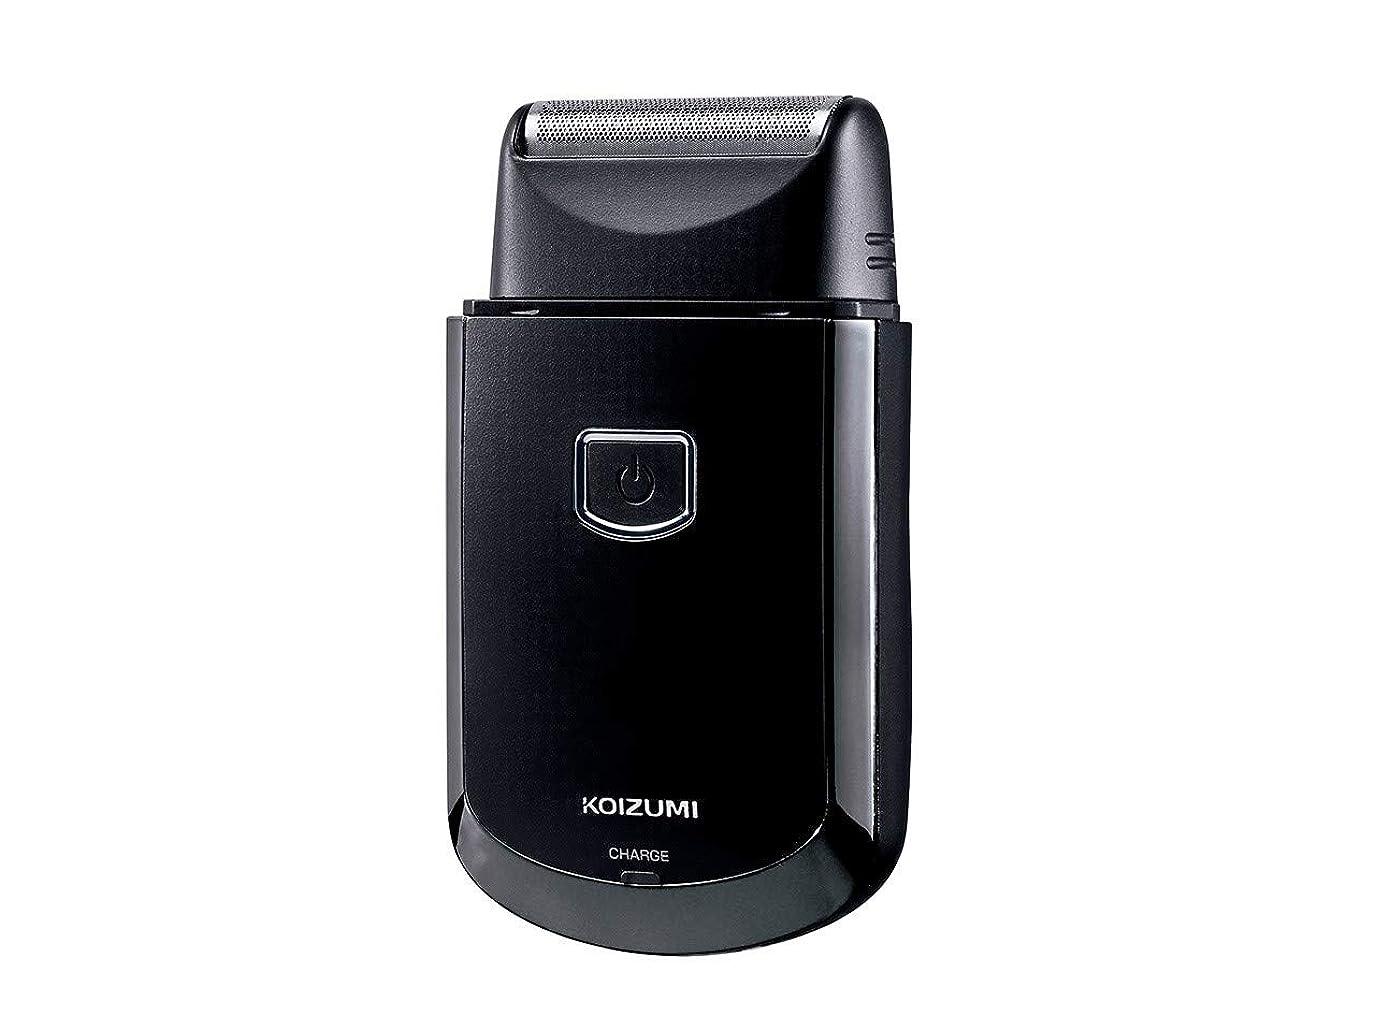 救援砂利同じコイズミ メンズシェーバー USB充電式 往復式 ブラック KMC-0700/K